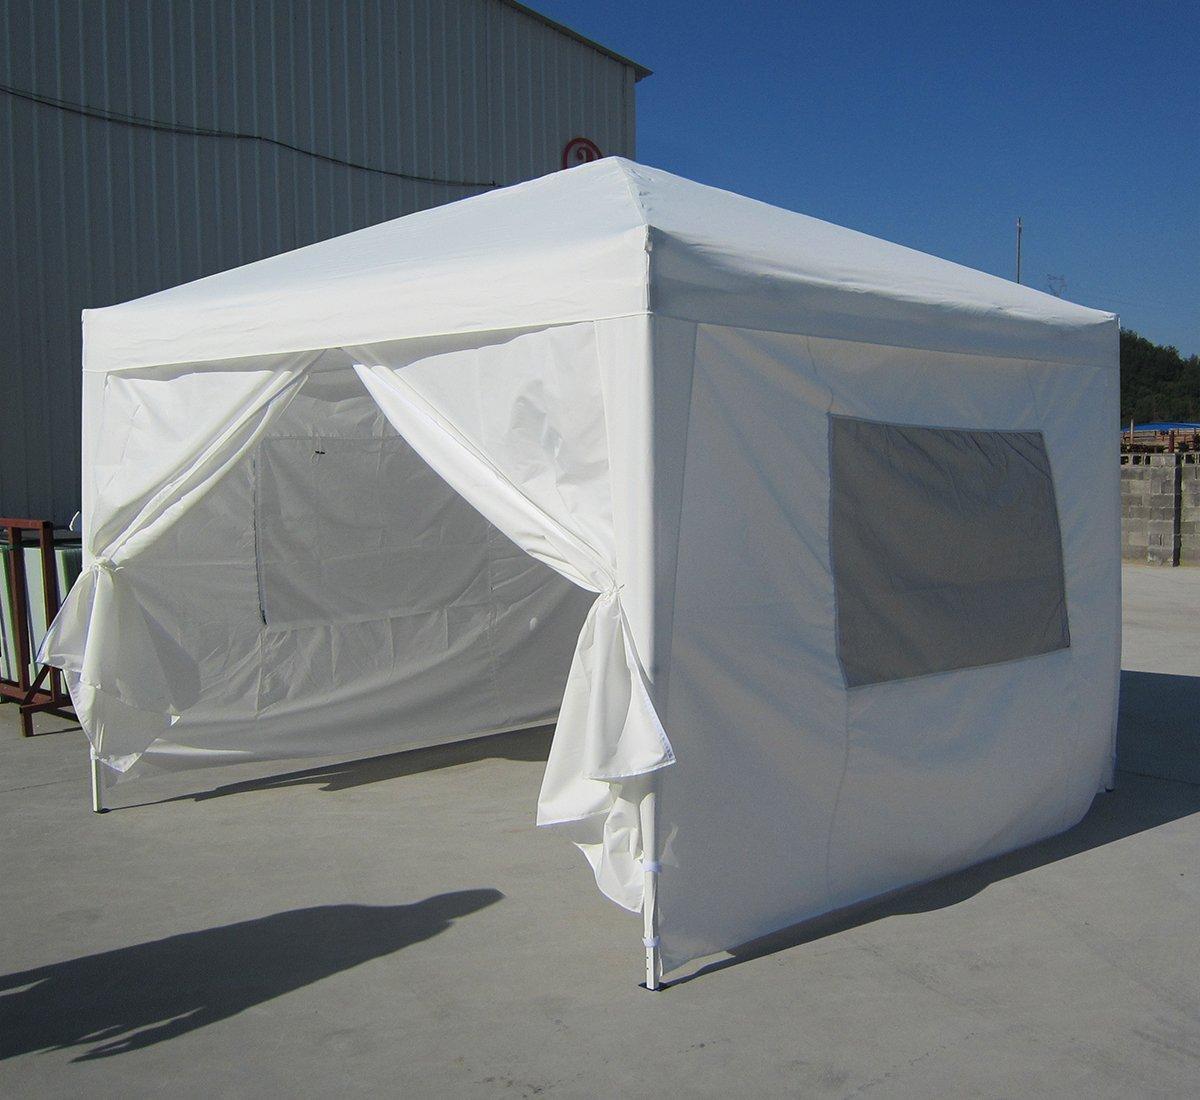 Big Sale!!Quictent privacy 10x10 Mesh Curtain EZ Pop Up Party Tent